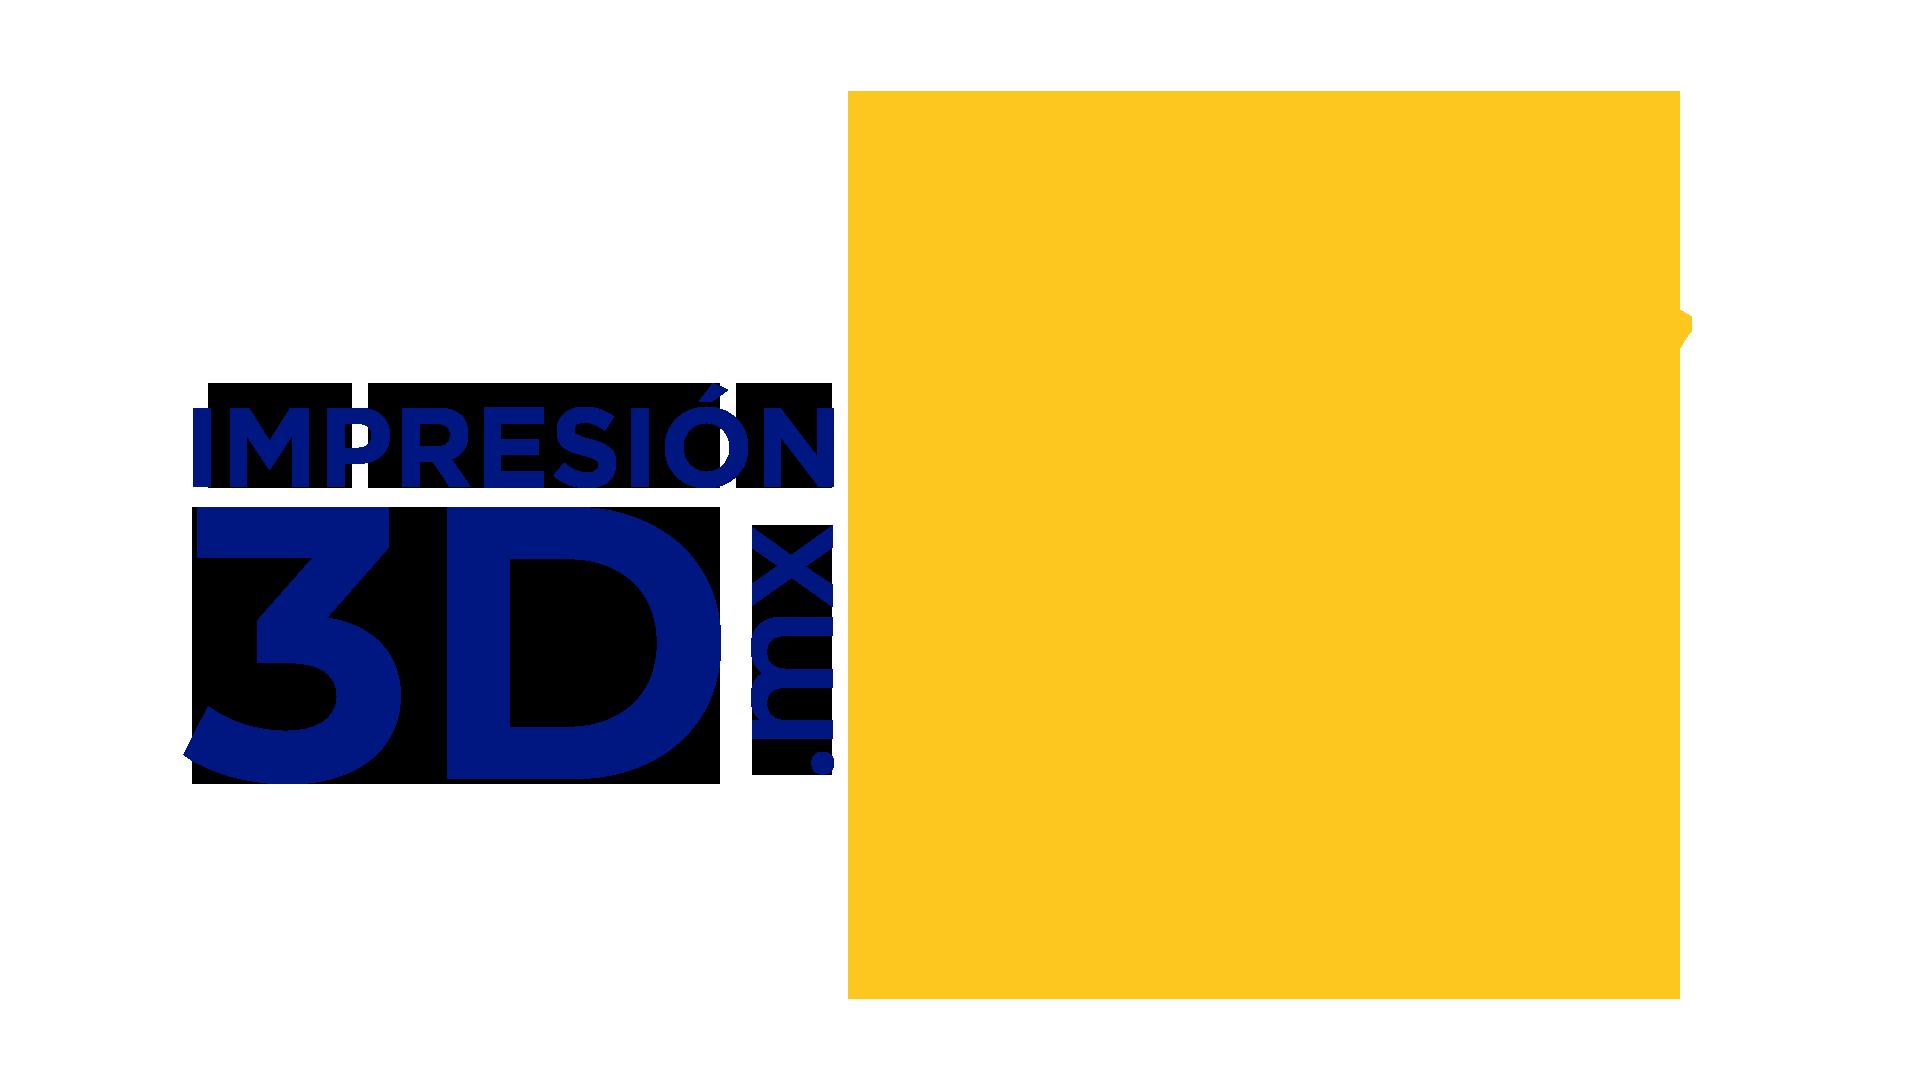 Impresión 3D México